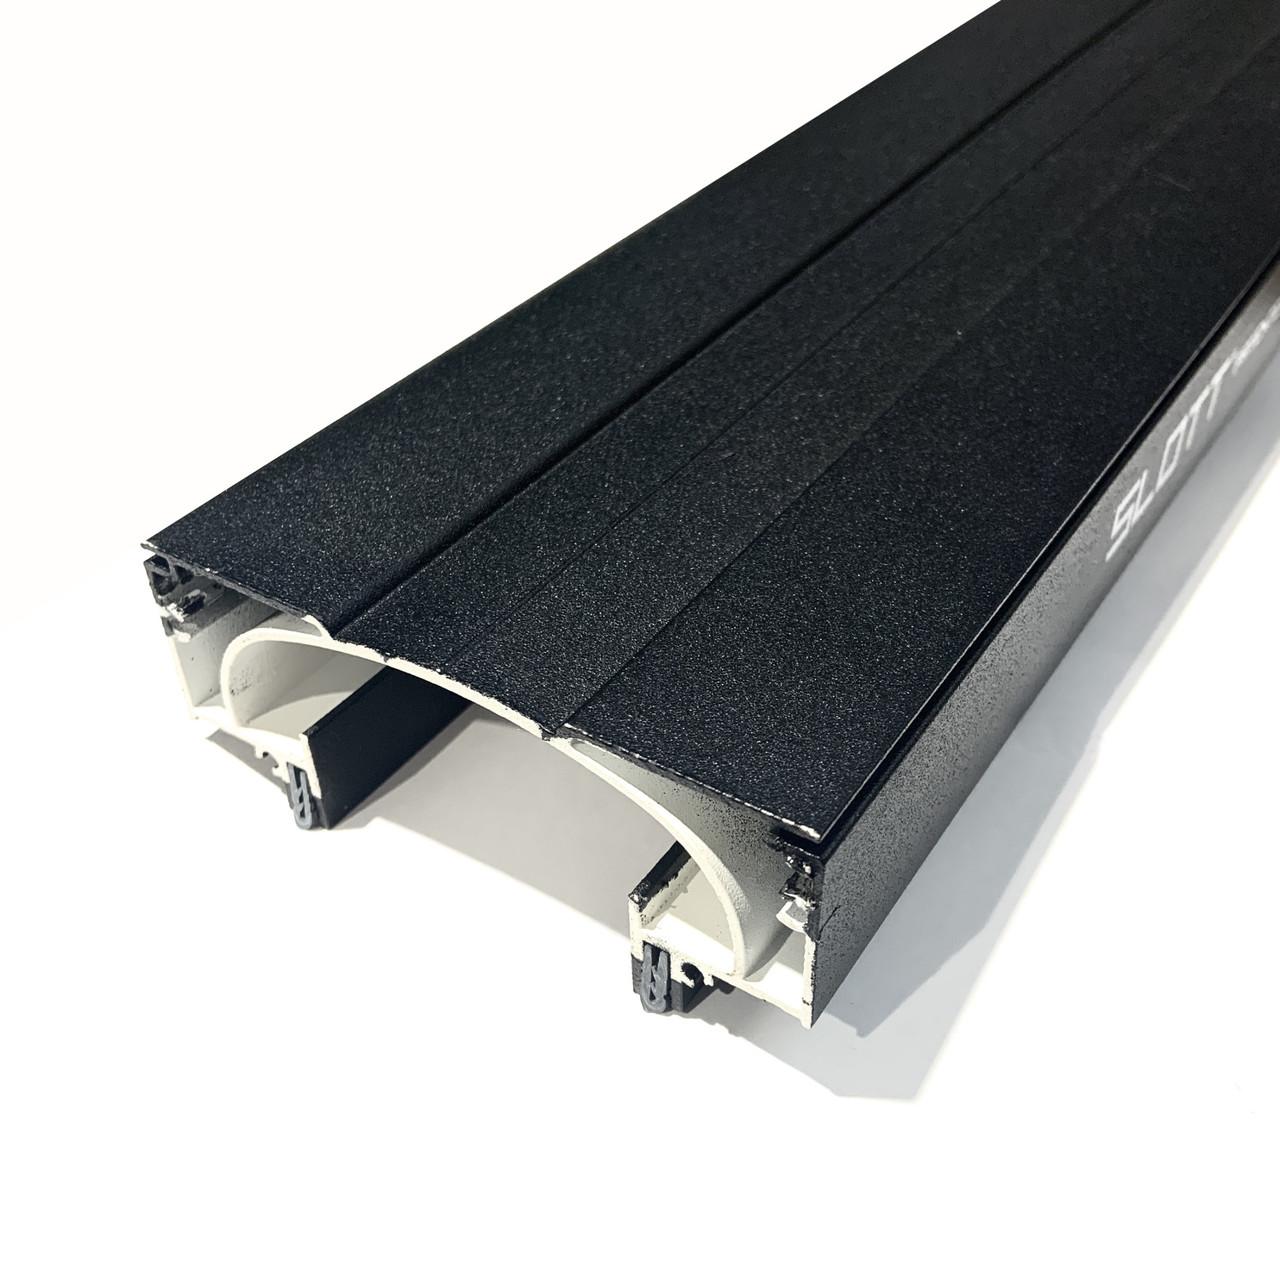 Профиль алюминиевый для натяжных потолков - световые линии SLOTT ниша(ЧЕРНО/БЕЛЫЙ)